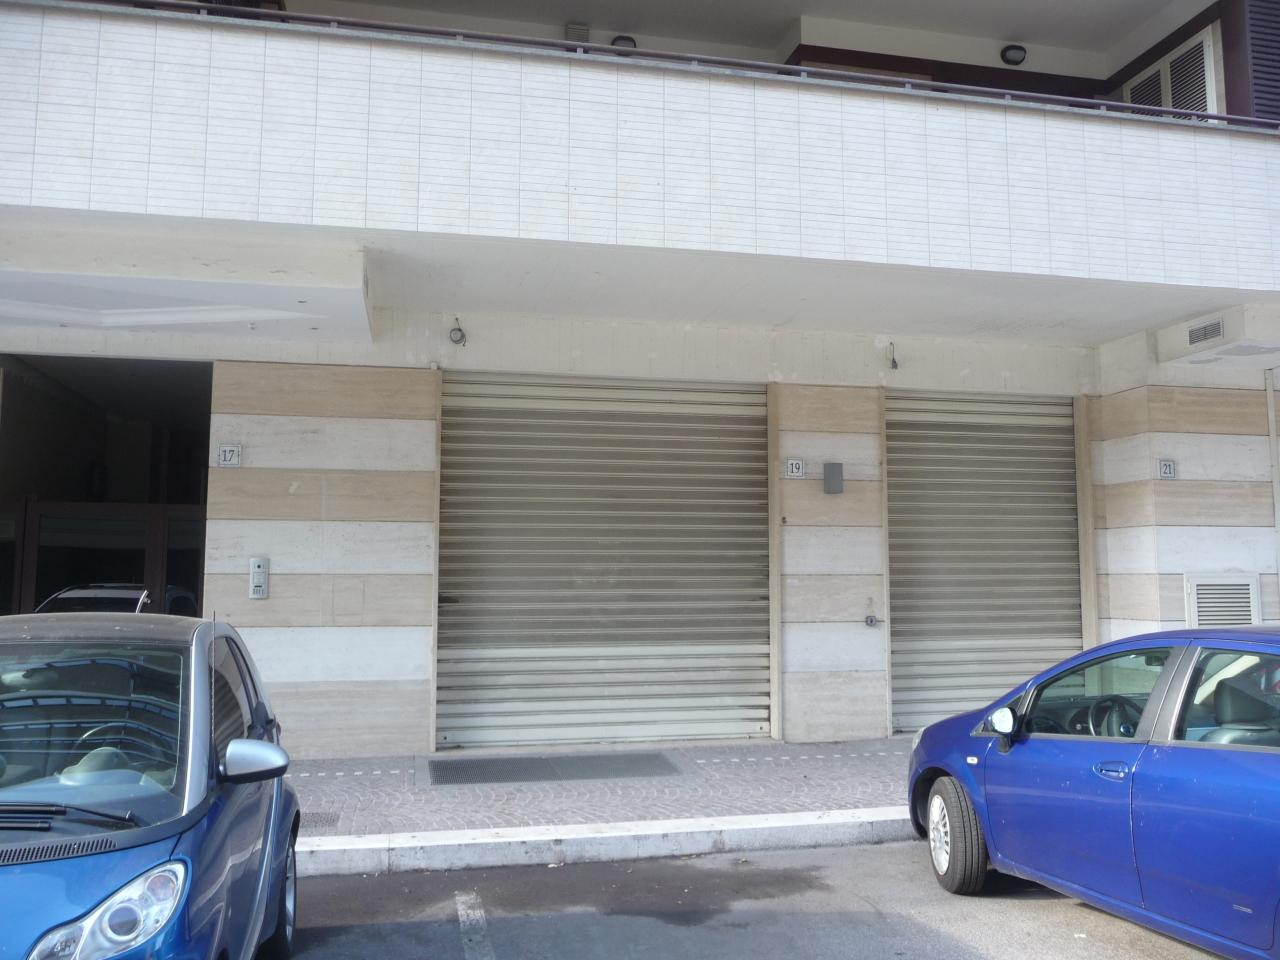 Locale commerciale - 2 Vetrine a Roma Rif. 11460799